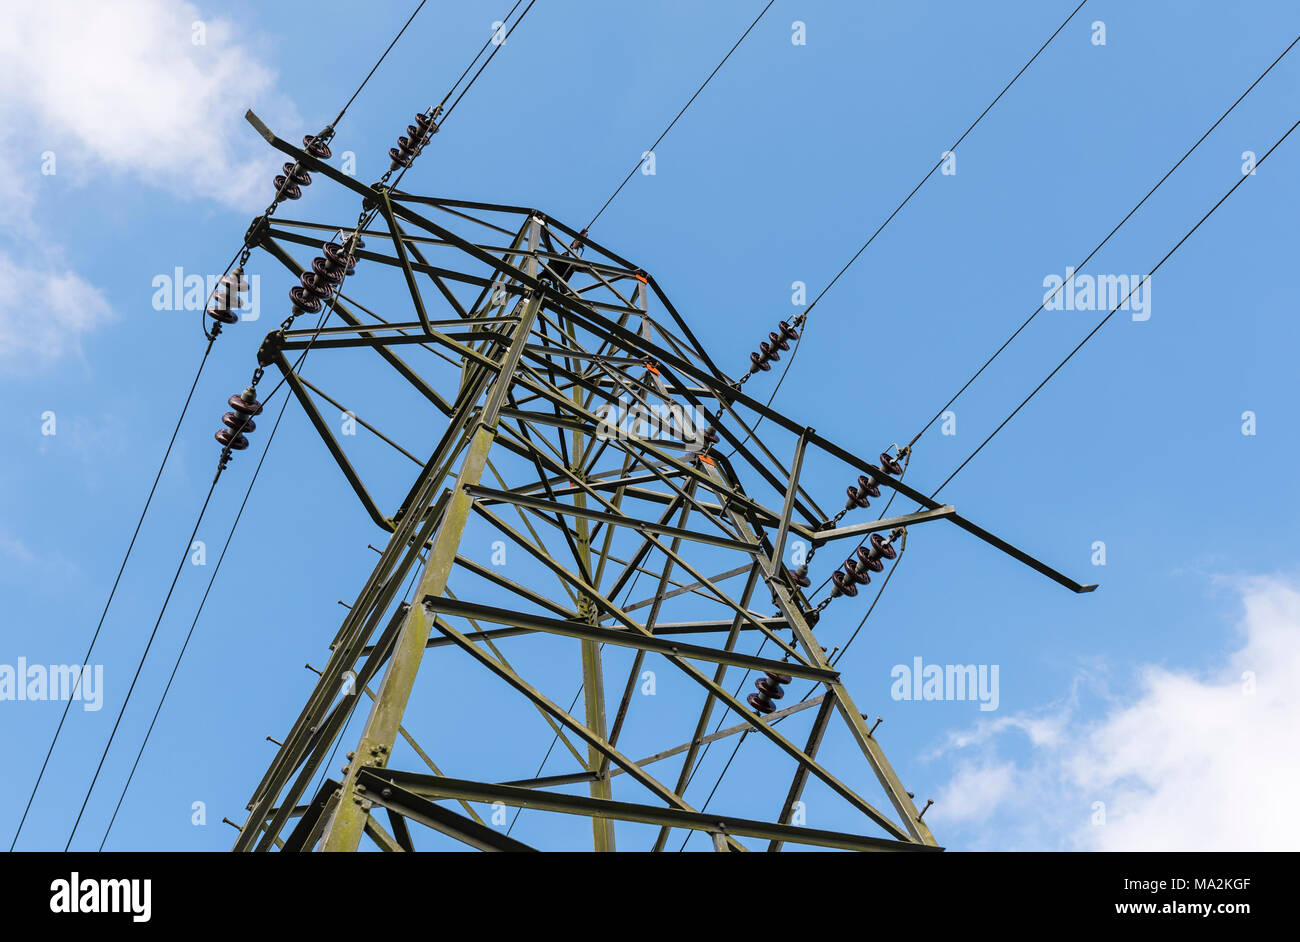 Strom Pylon und Drähte, die elektrische Energie in das nationale Stromnetz in Großbritannien. Stockbild